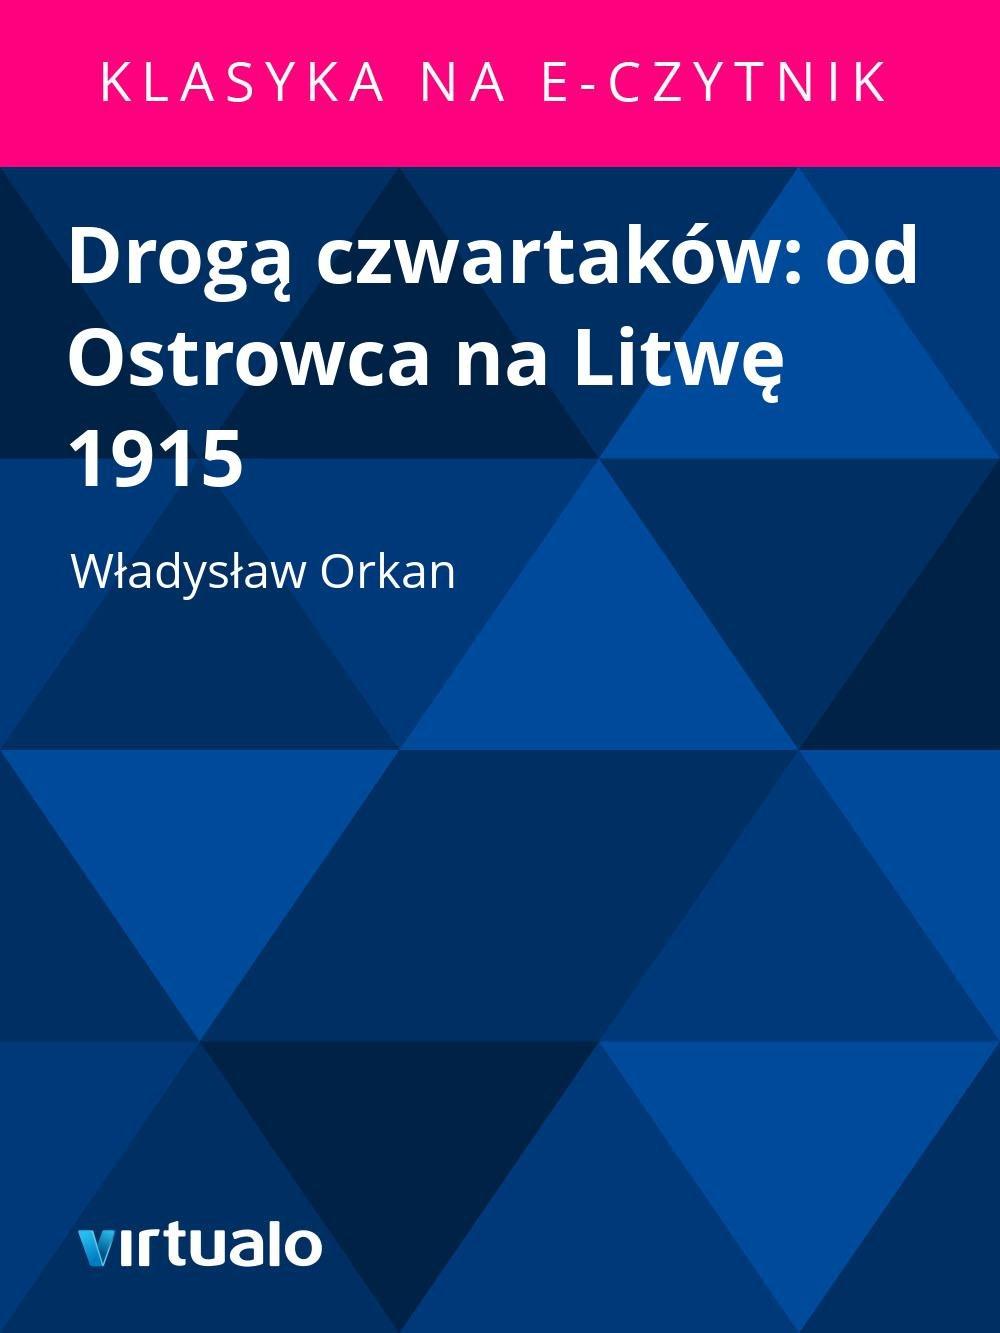 Drogą czwartaków: od Ostrowca na Litwę 1915 - Ebook (Książka EPUB) do pobrania w formacie EPUB